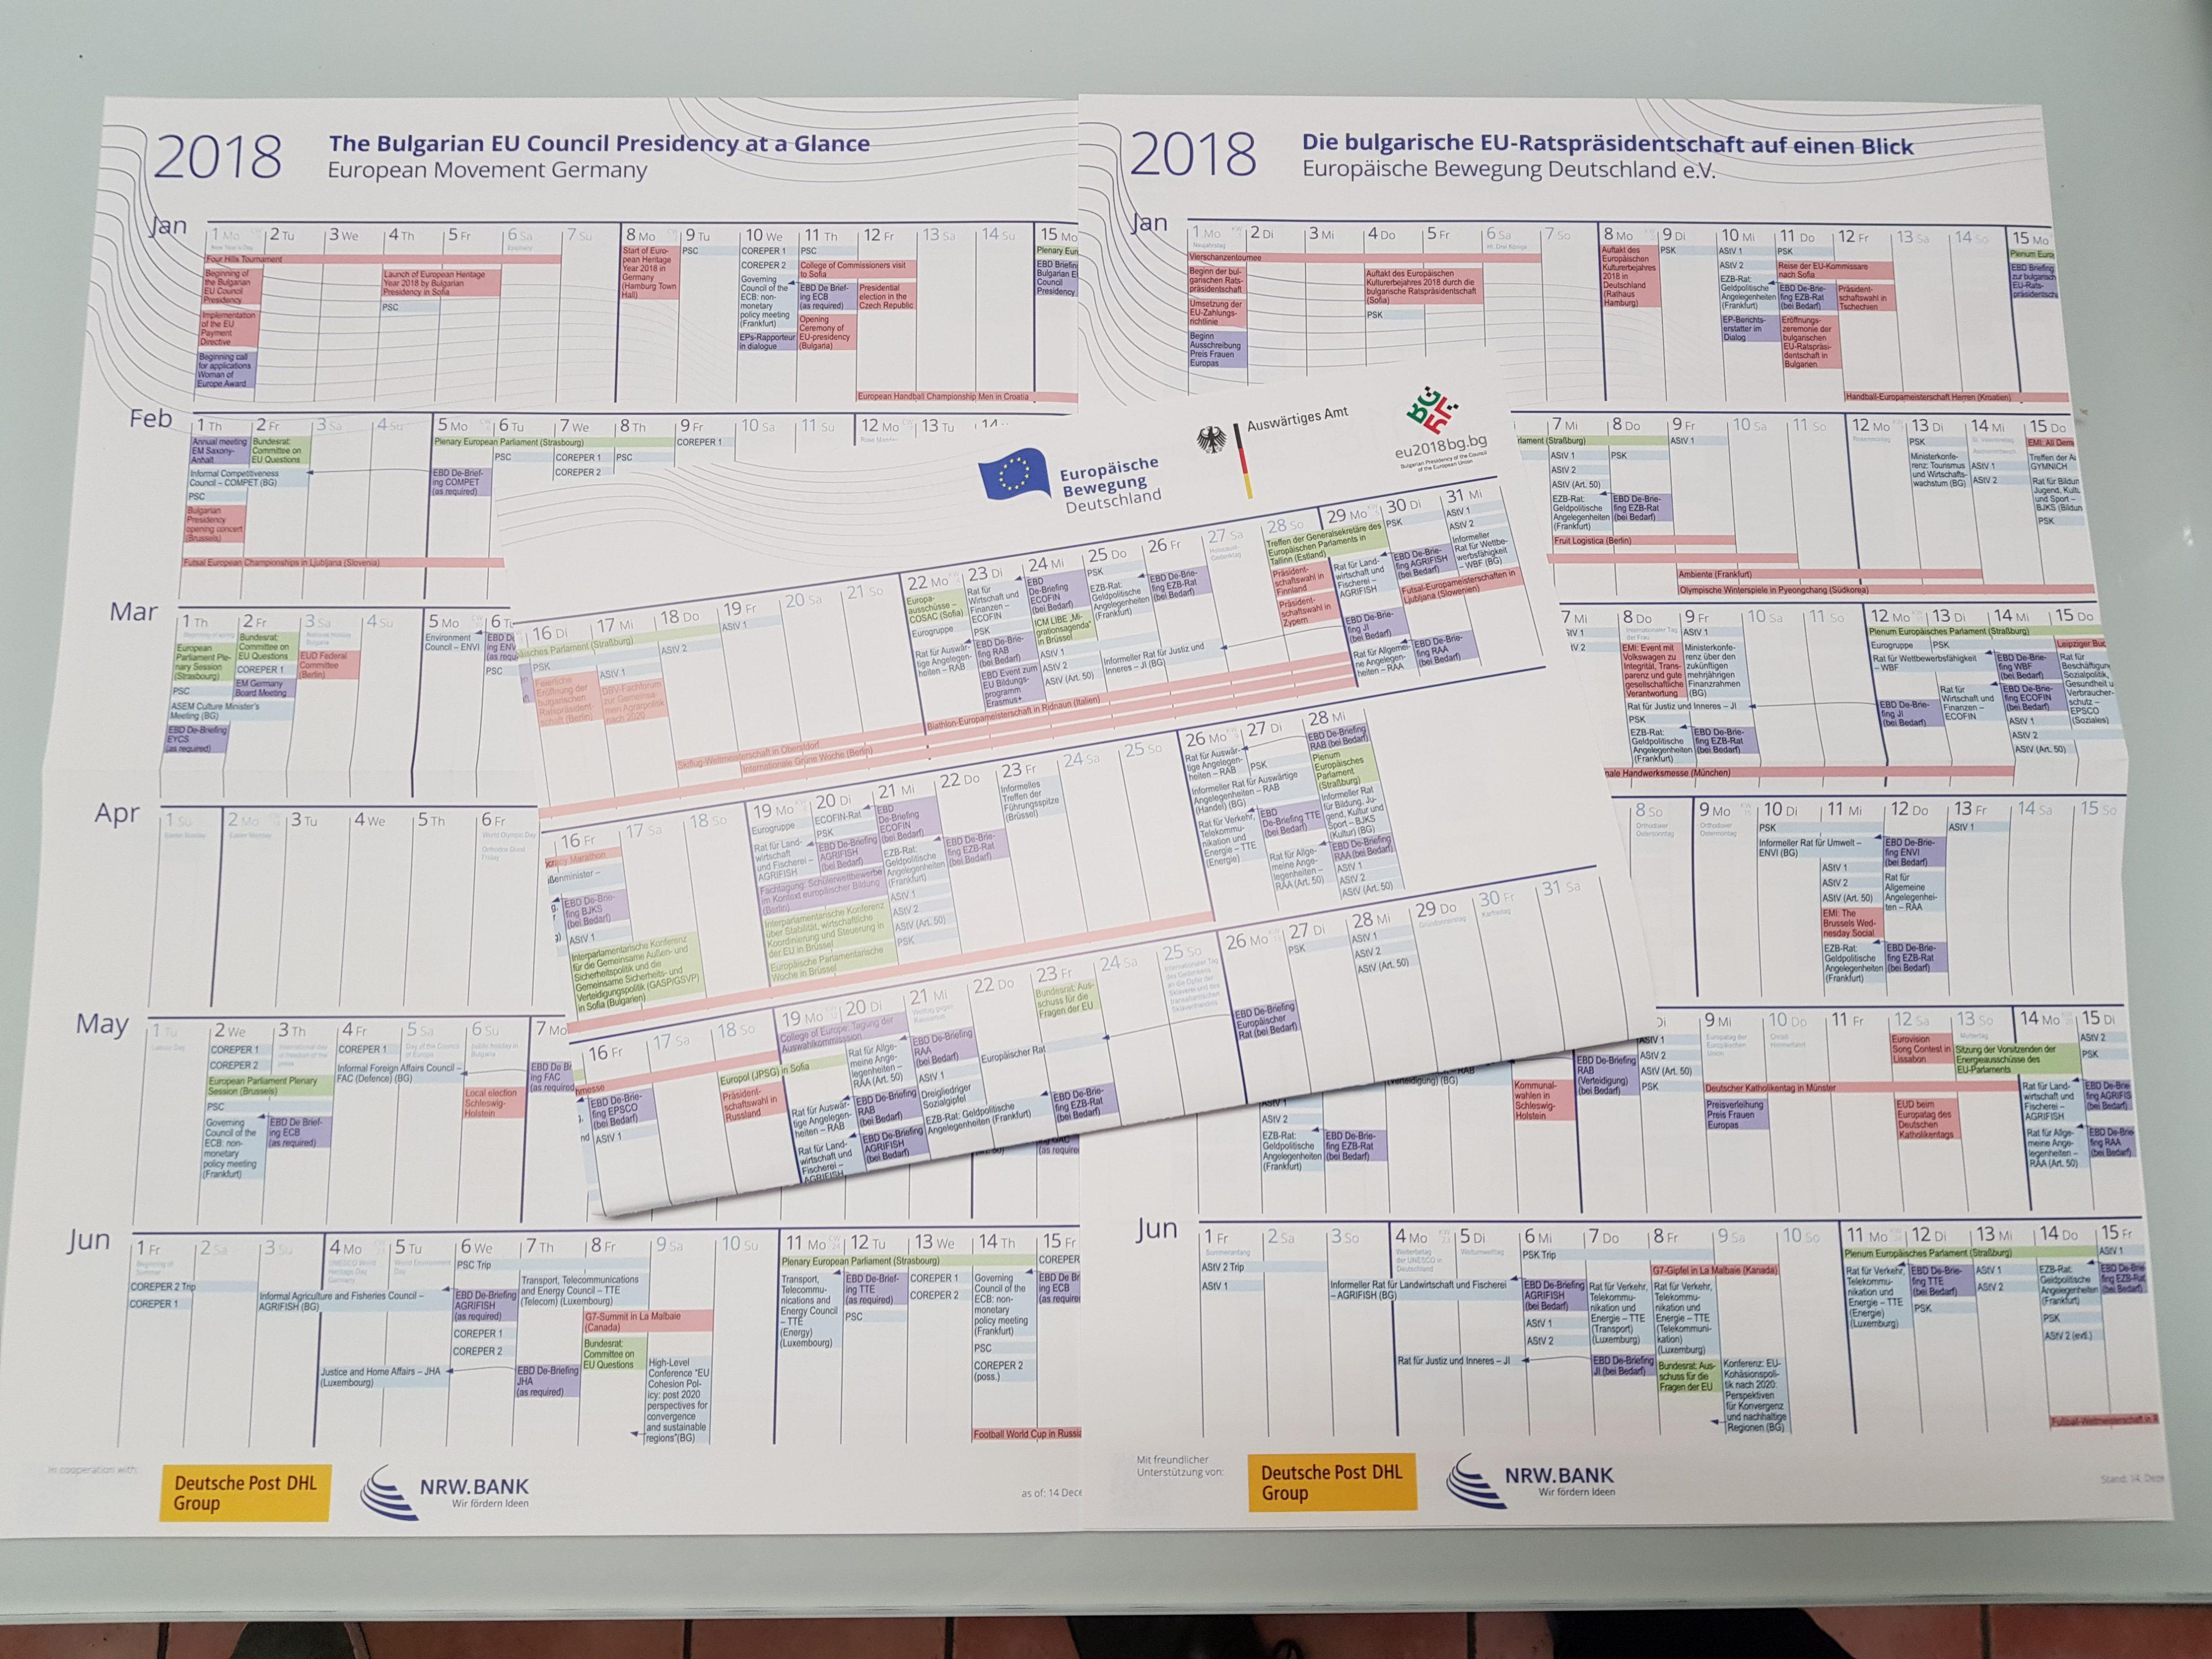 EBD-Kalender zur bulgarischen Ratspräsidentschaft erschienen